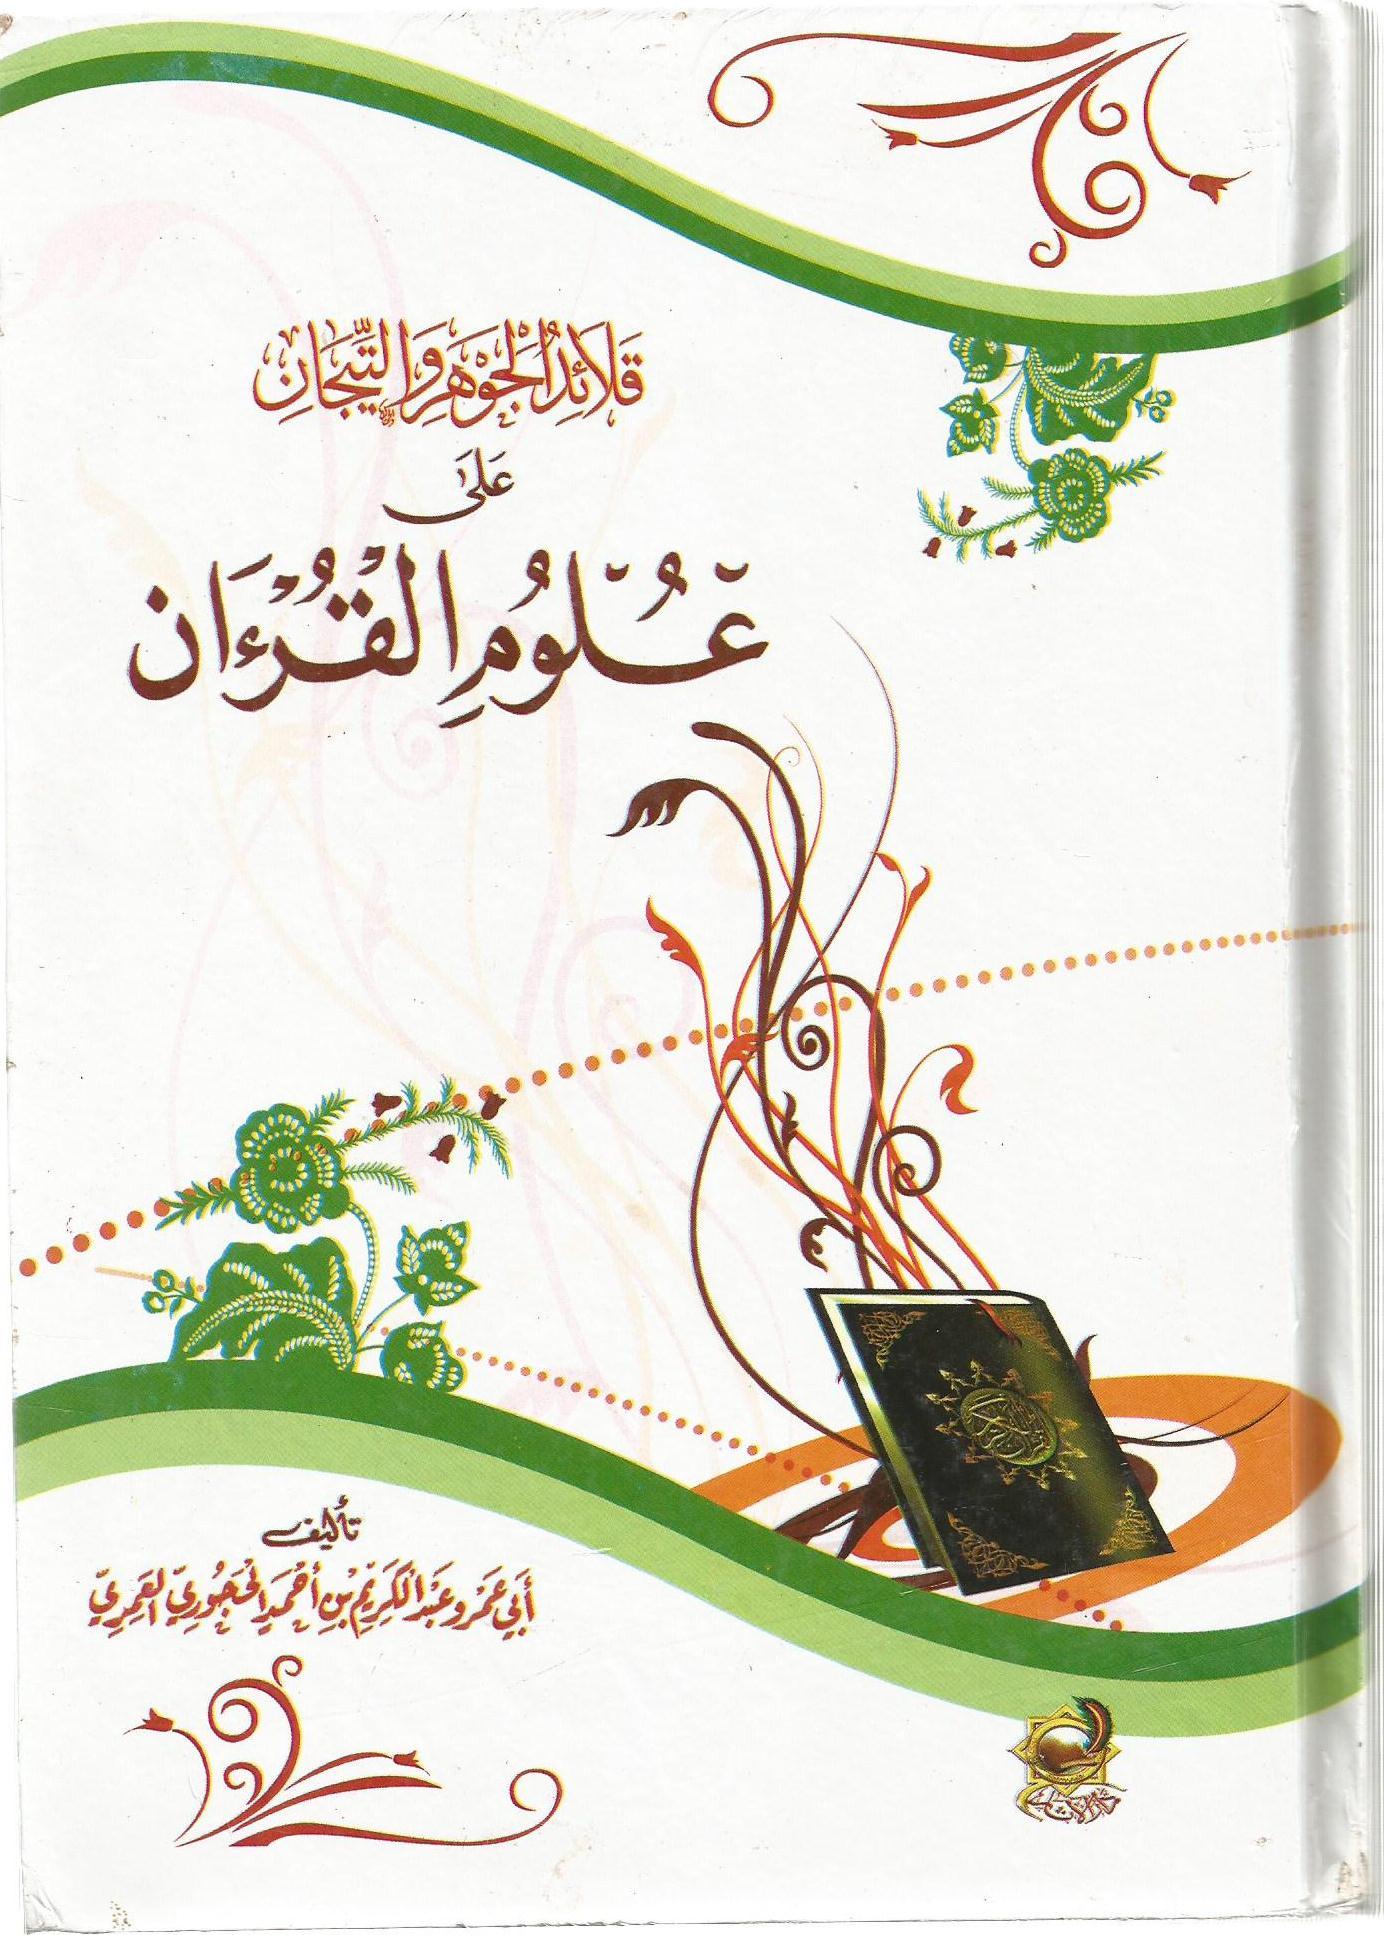 قلائد الجوهر والتيجان على علوم القرآن